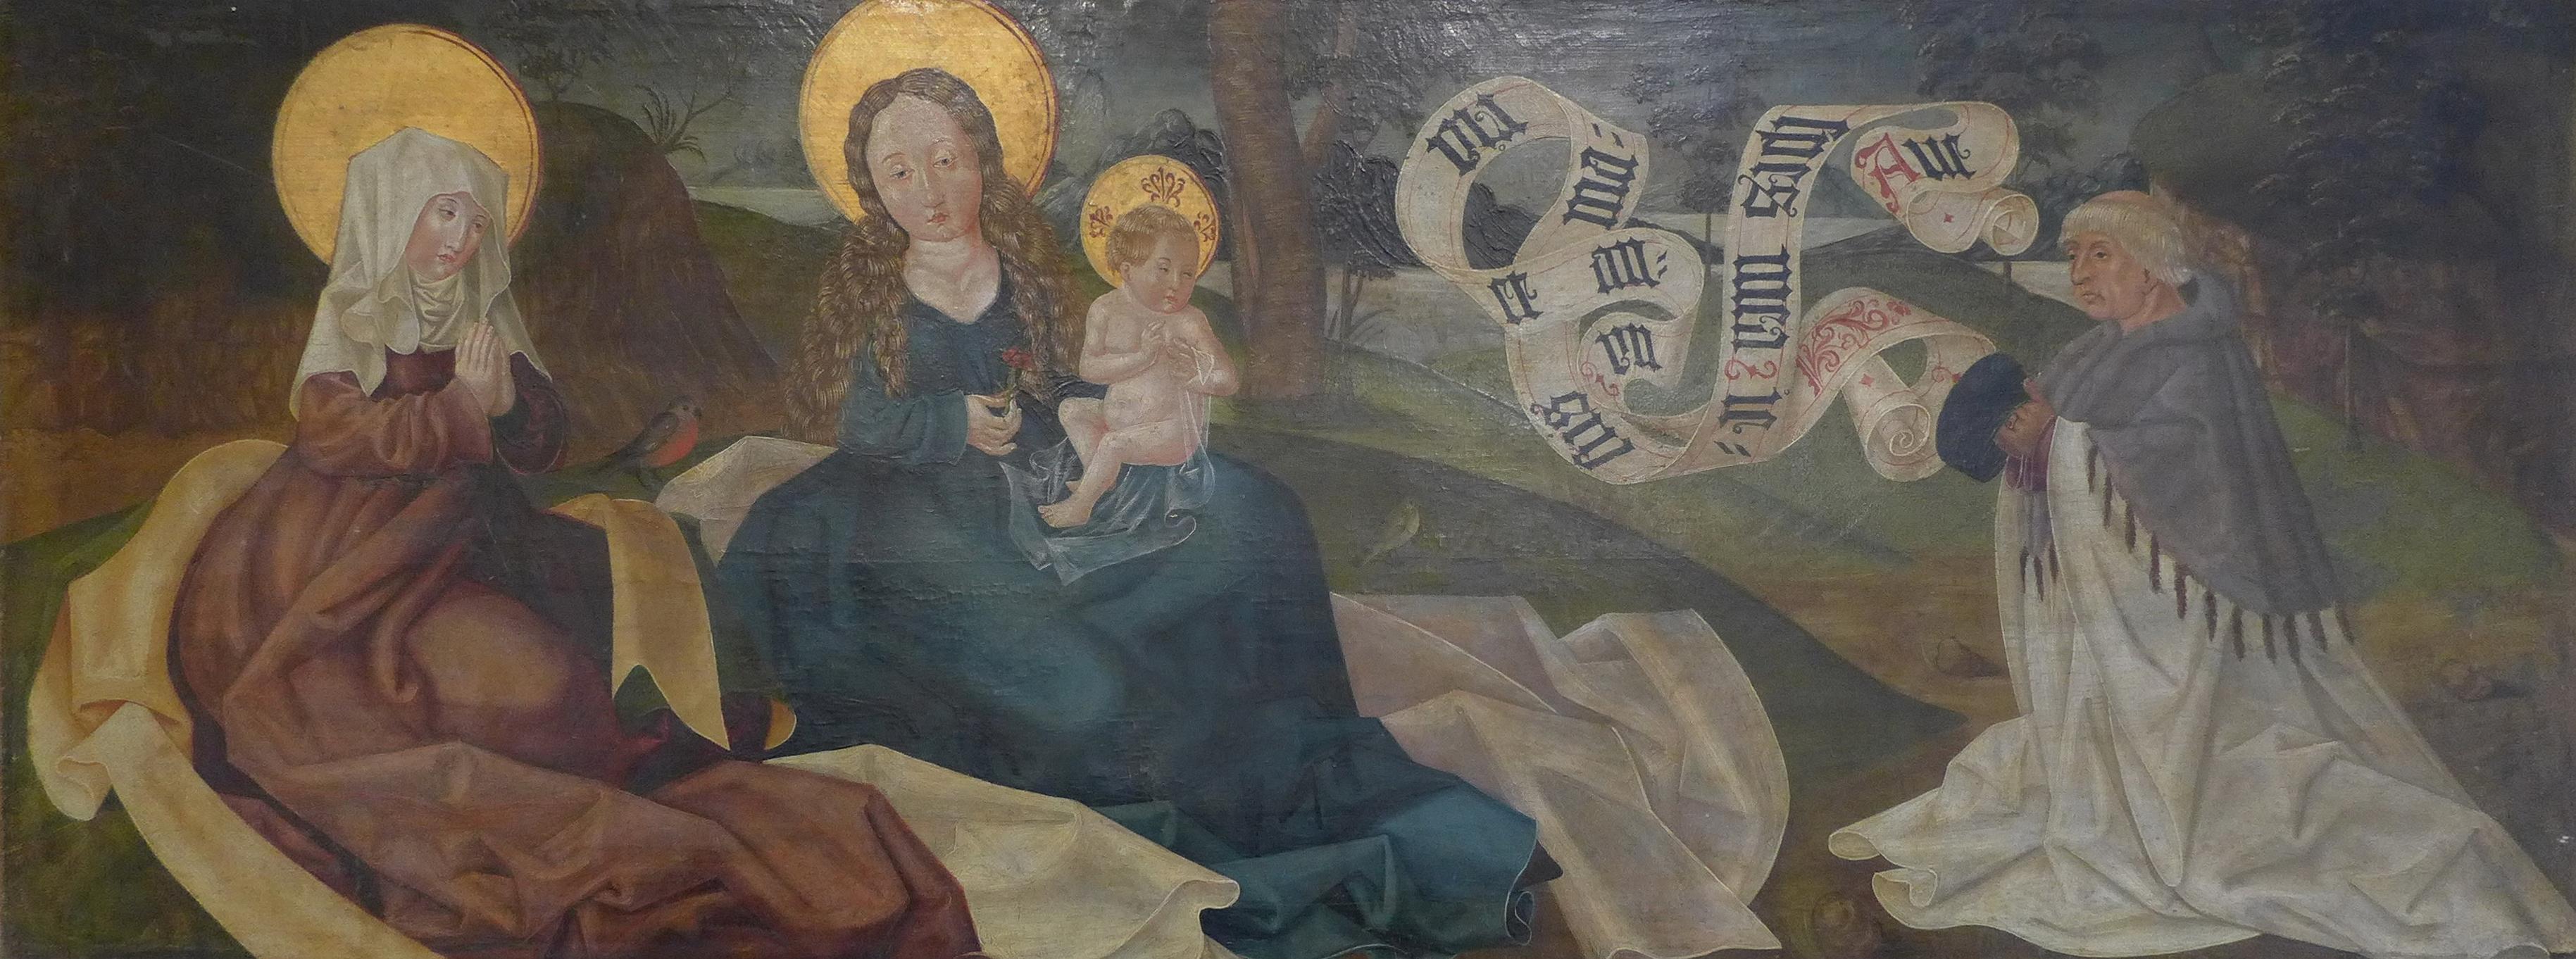 basilika_seckau_bischofskapelle_maria-kro_nungsaltar_predella_anna_selbdritt_1507.jpg